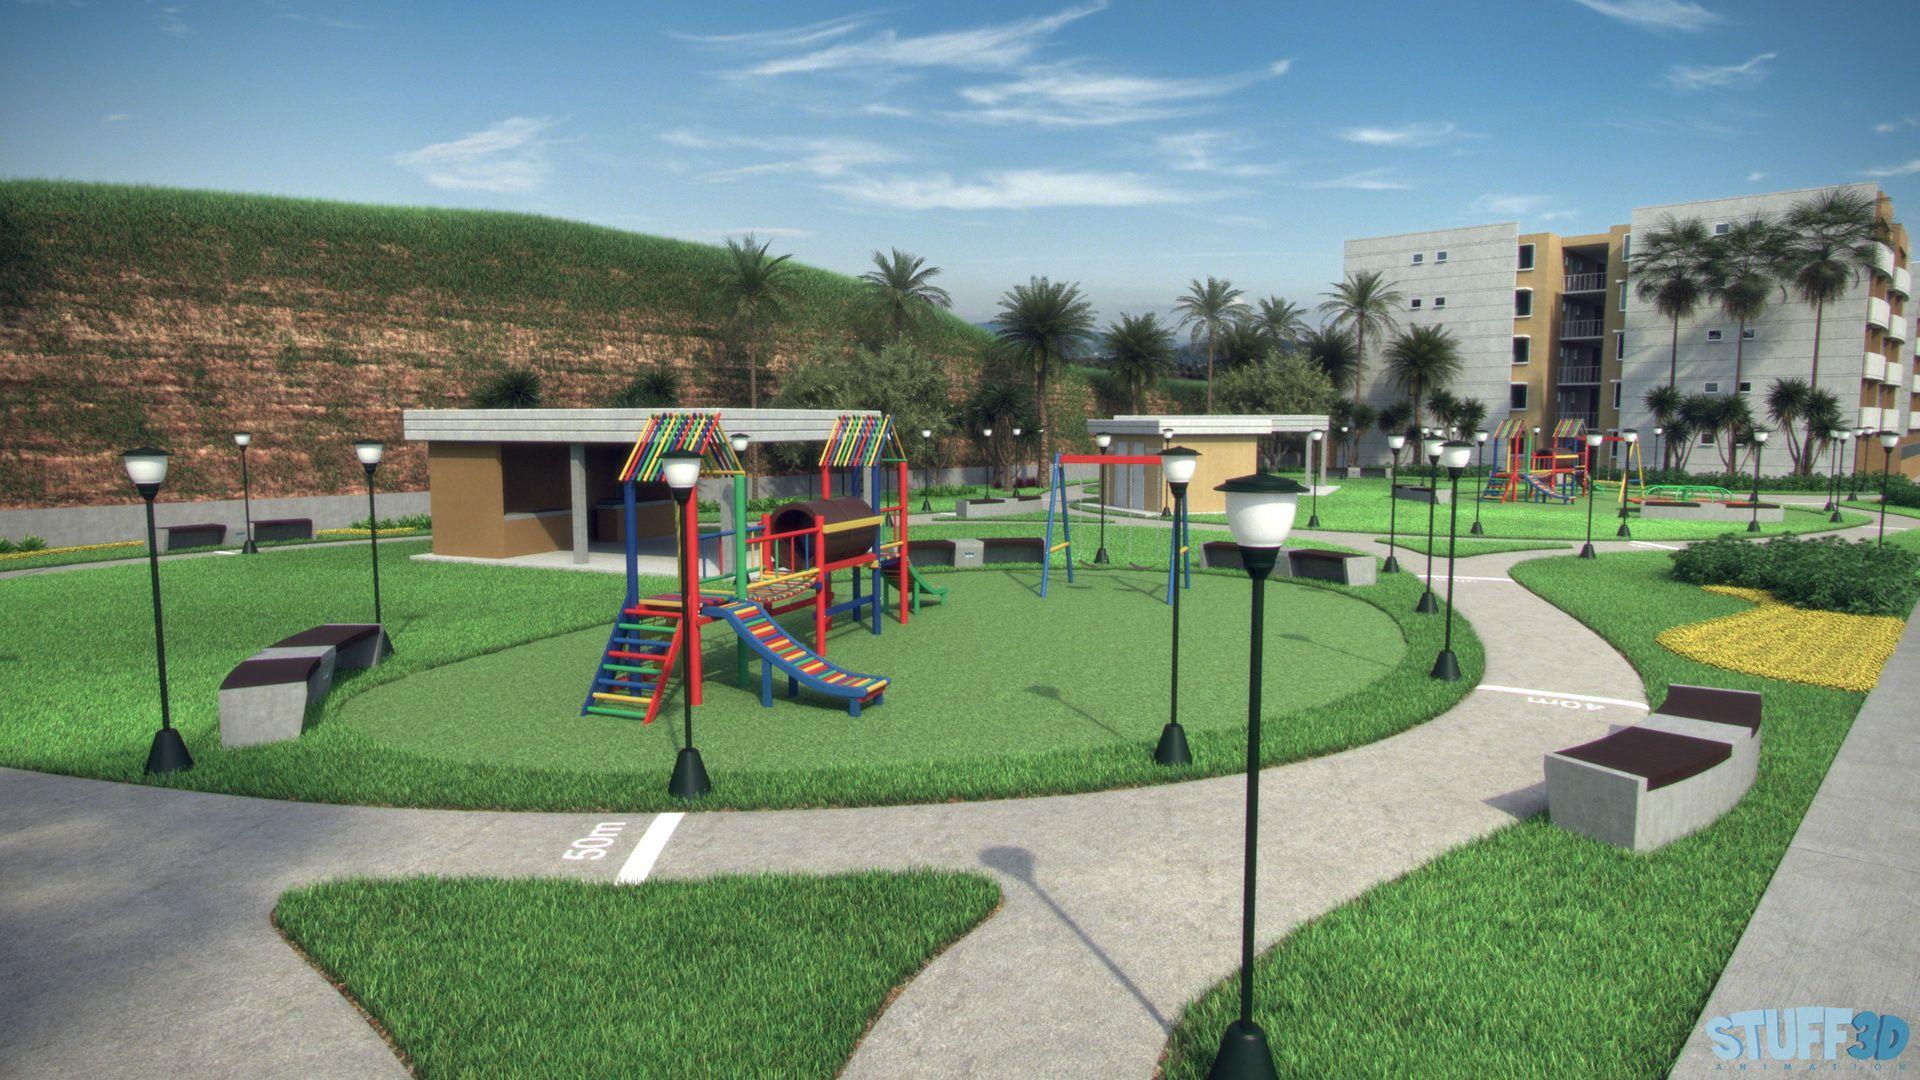 Reas recreativas exteriores de un parque al aire libre - Que es un porche en arquitectura ...